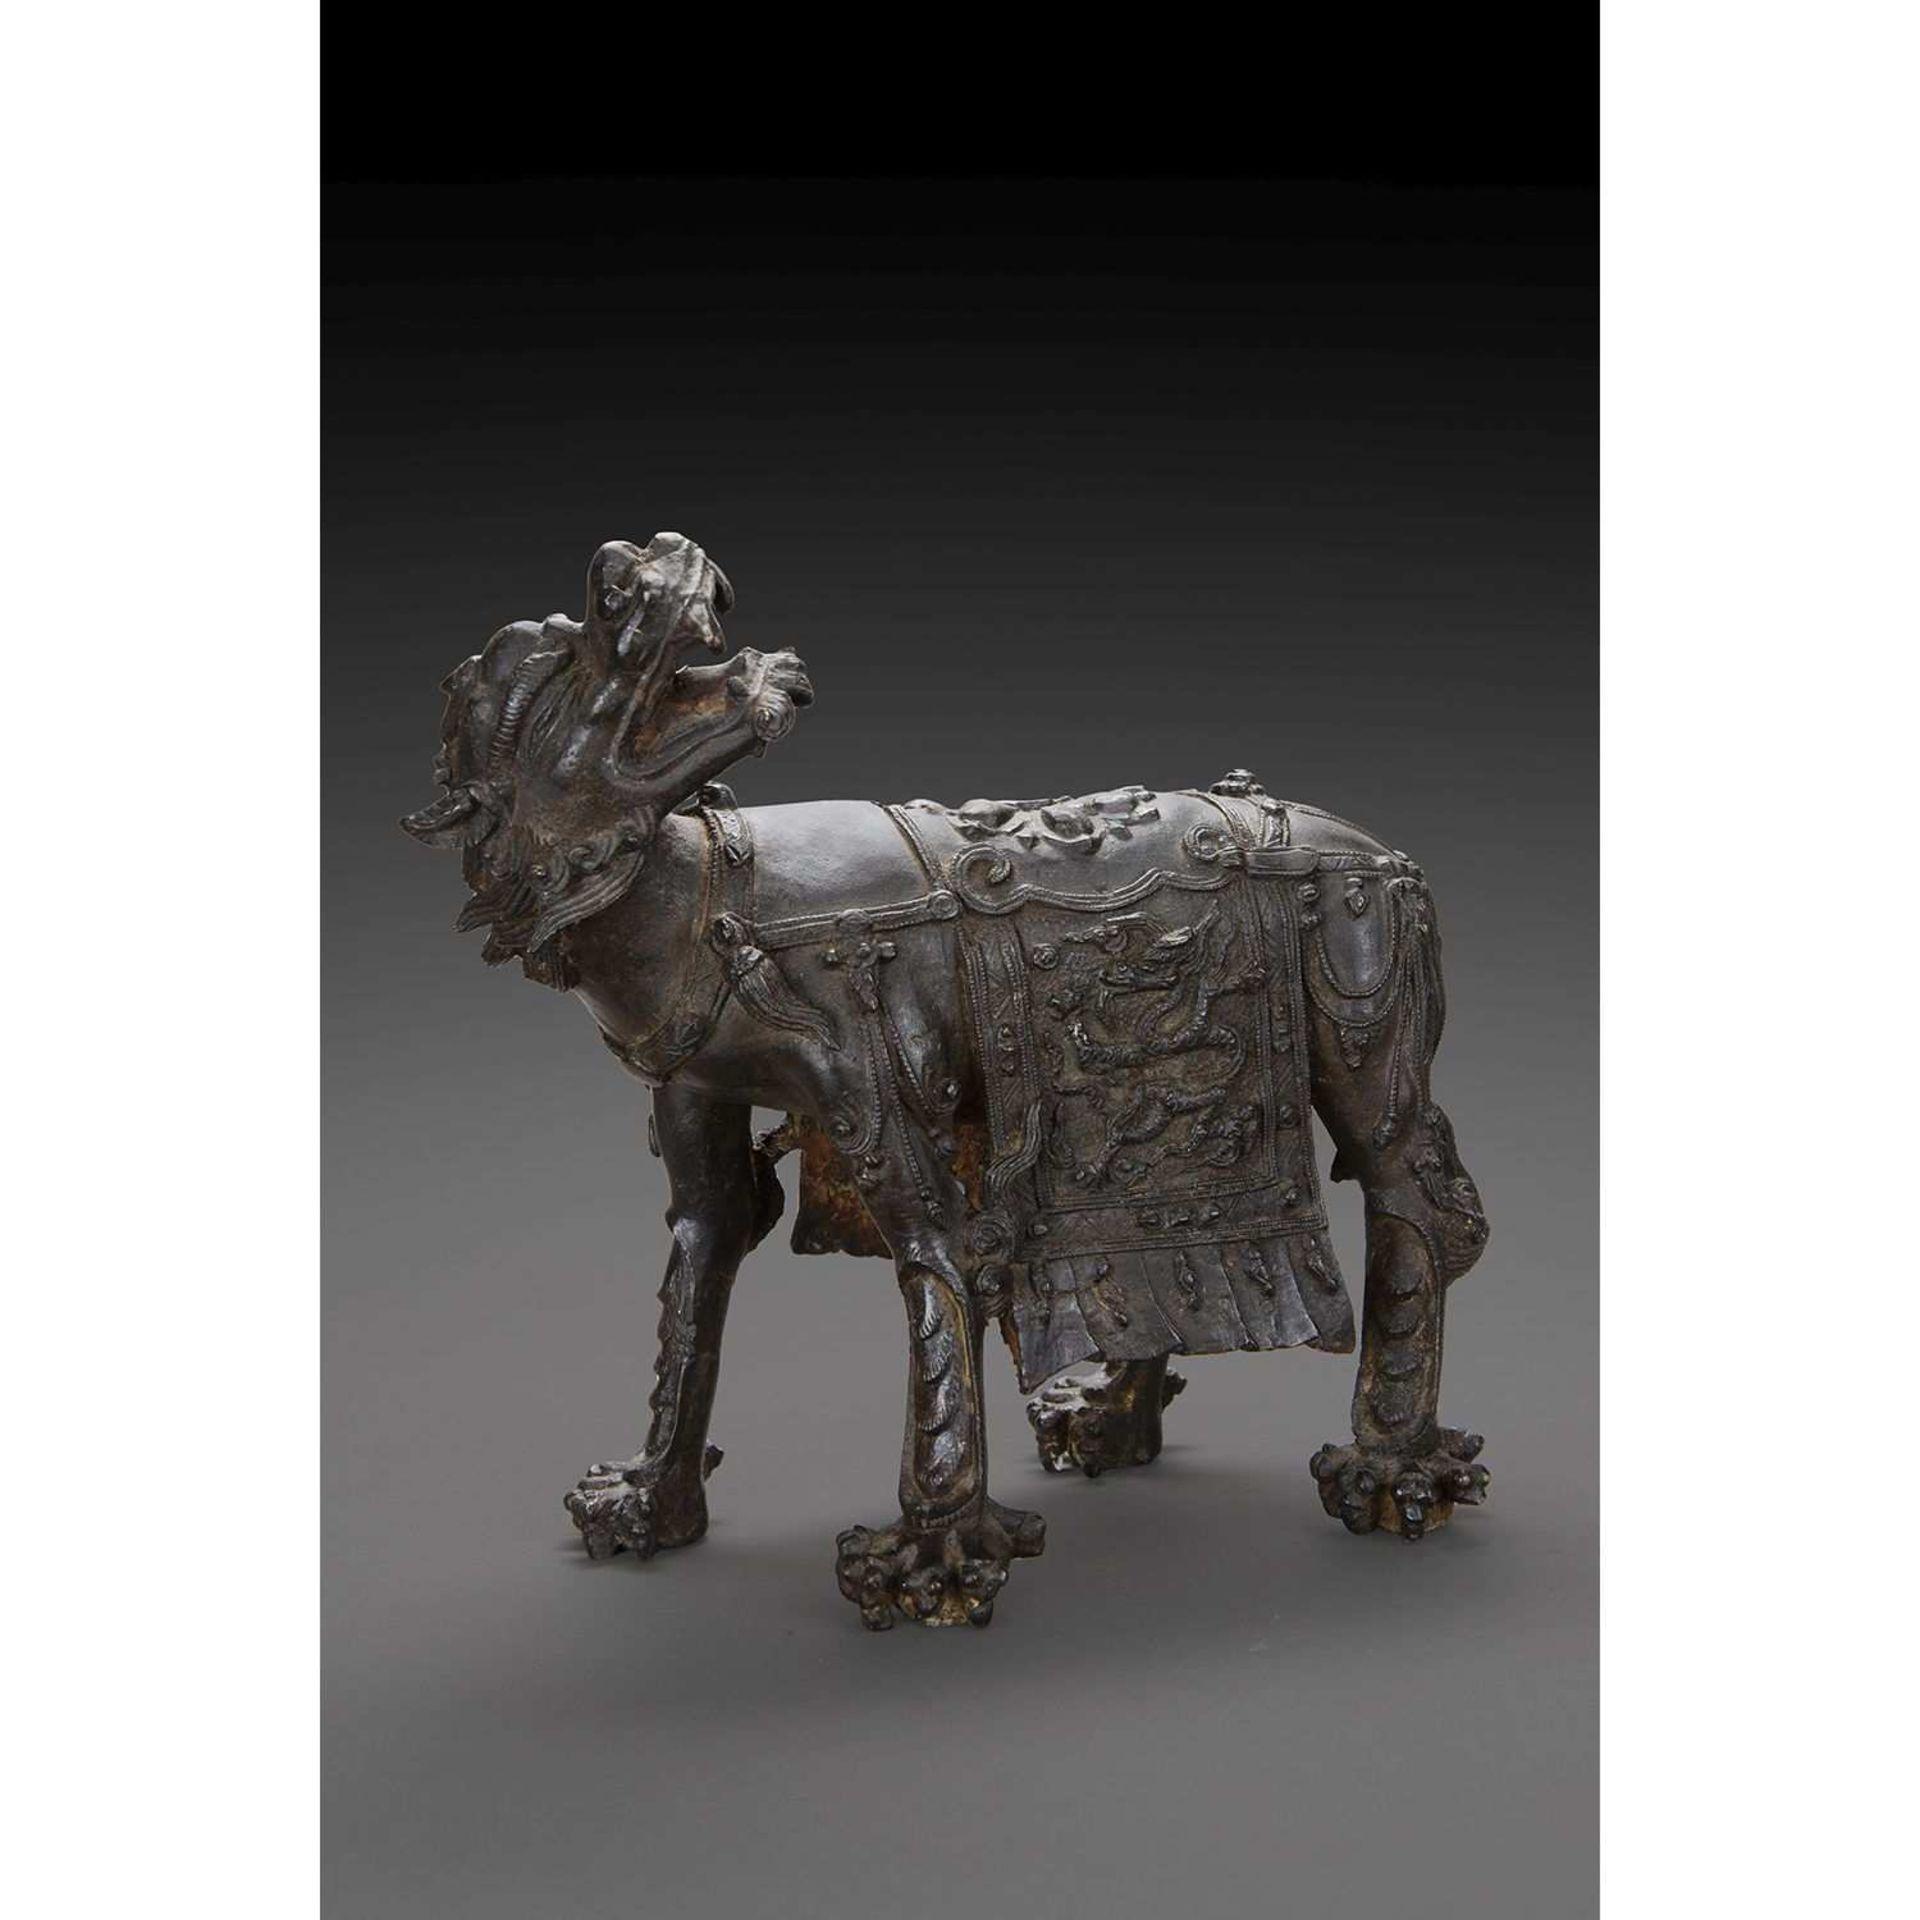 HOU, MONTURE DE GUANYIN en bronze de patine brune, l'animal céleste figuré debout sur ses pattes